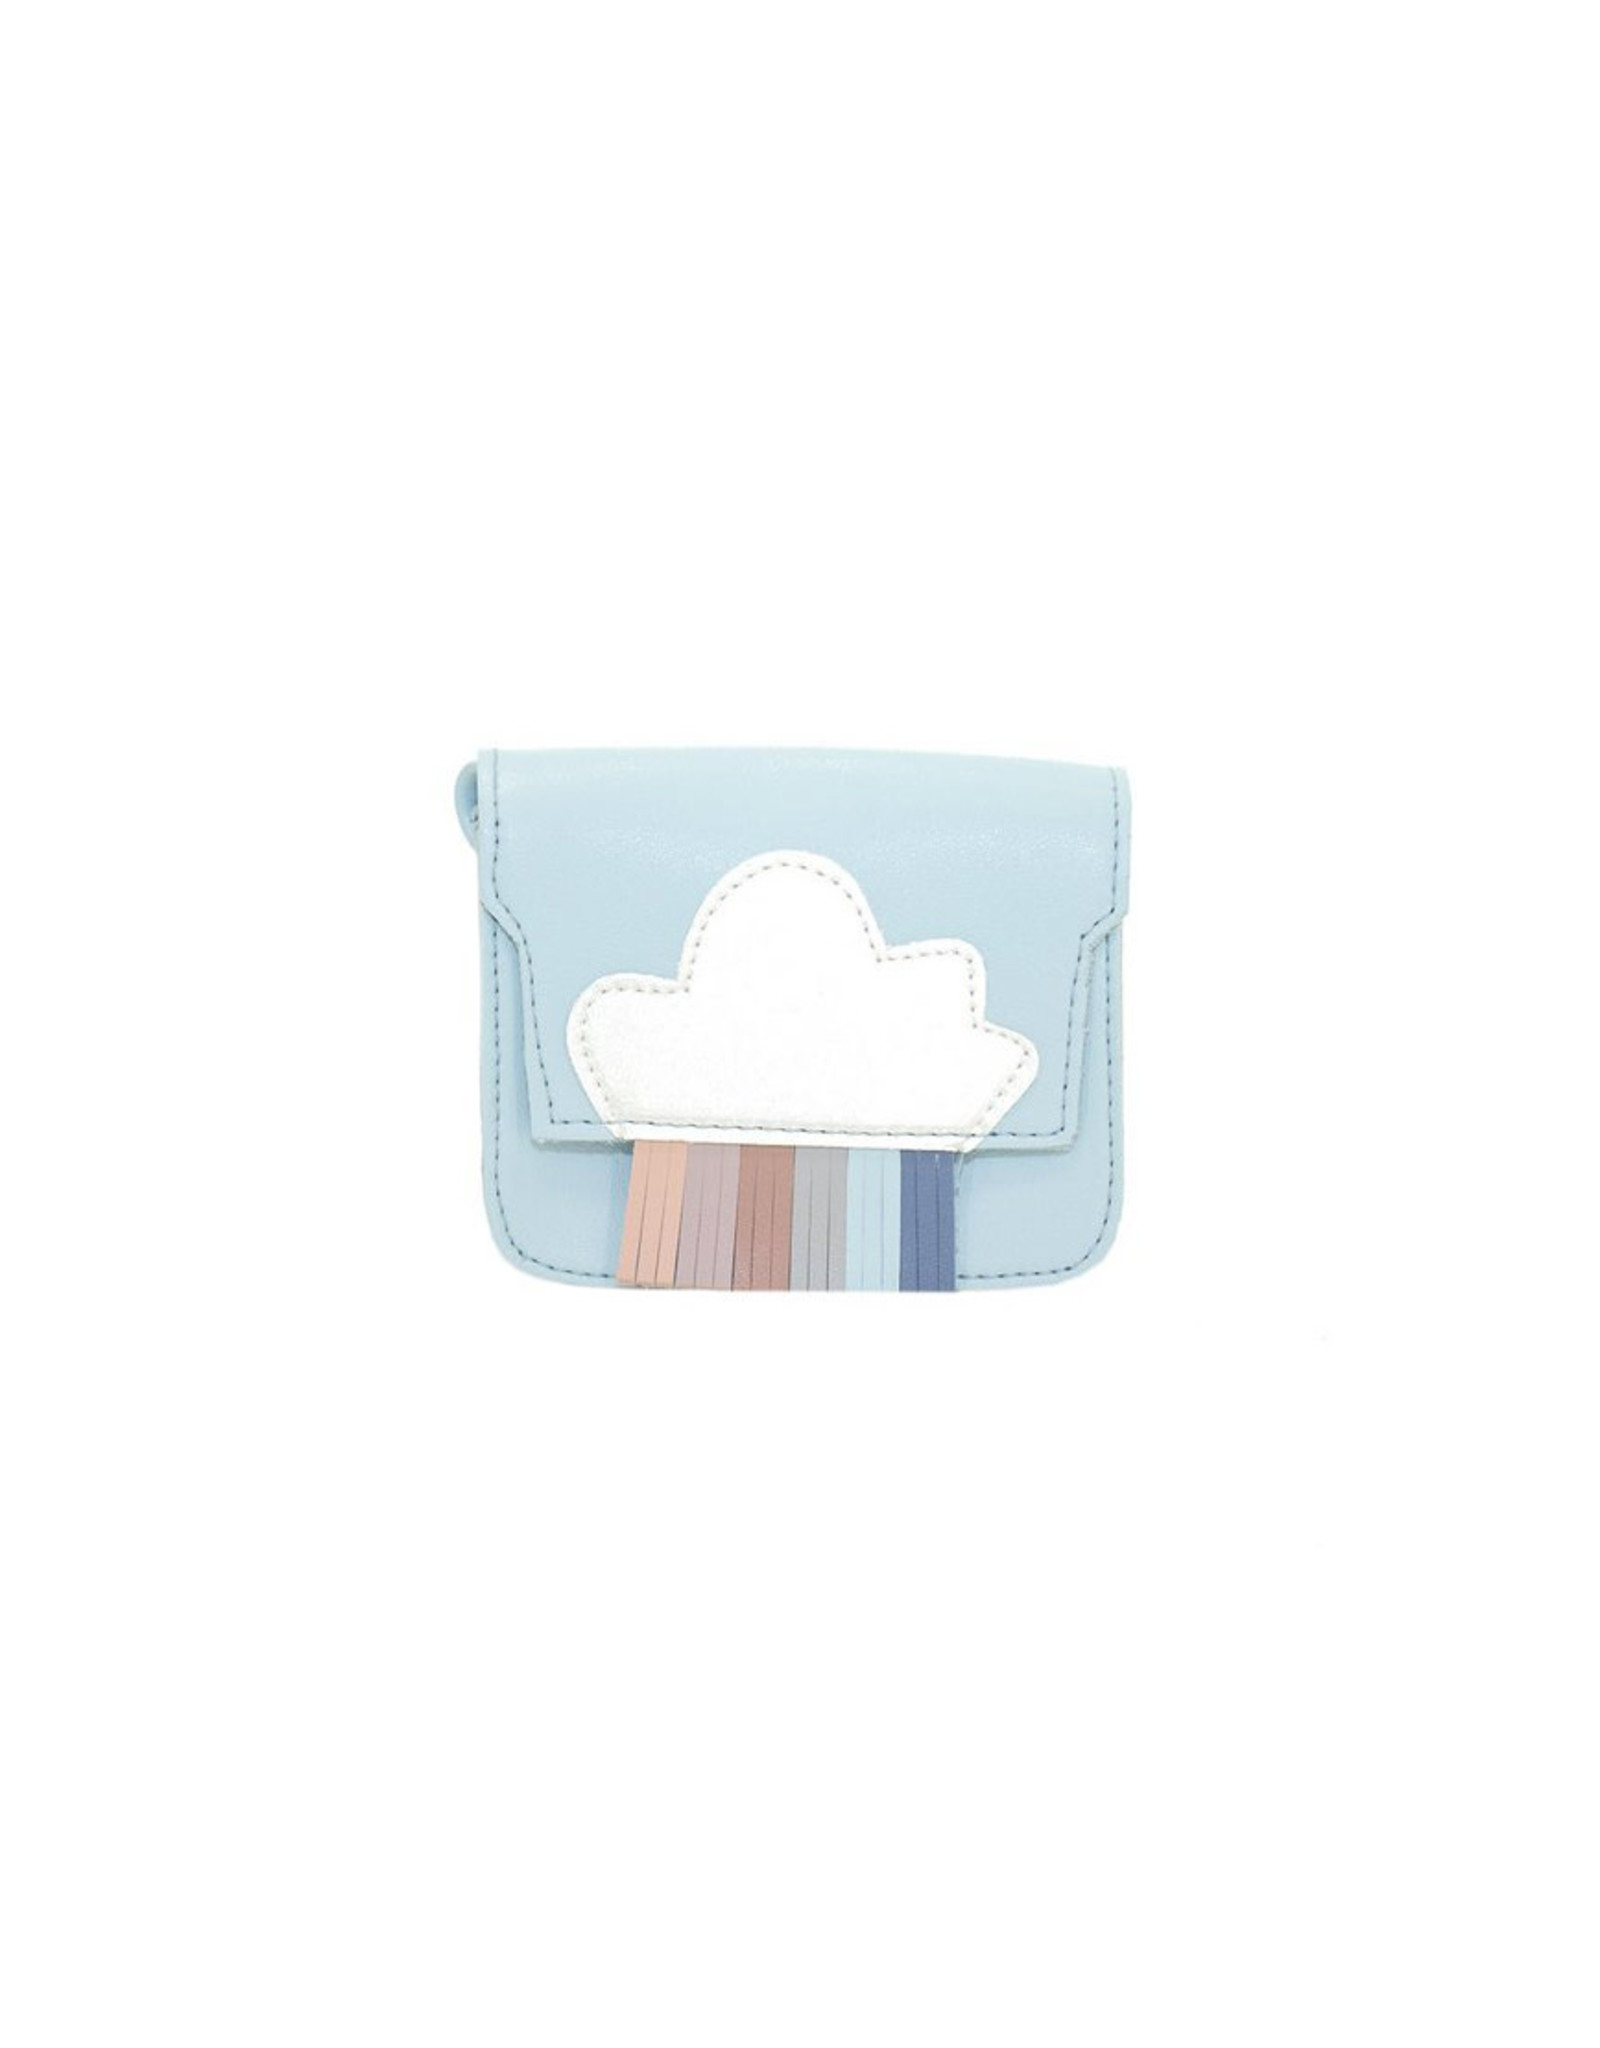 Handtasje regenboog blauw mini